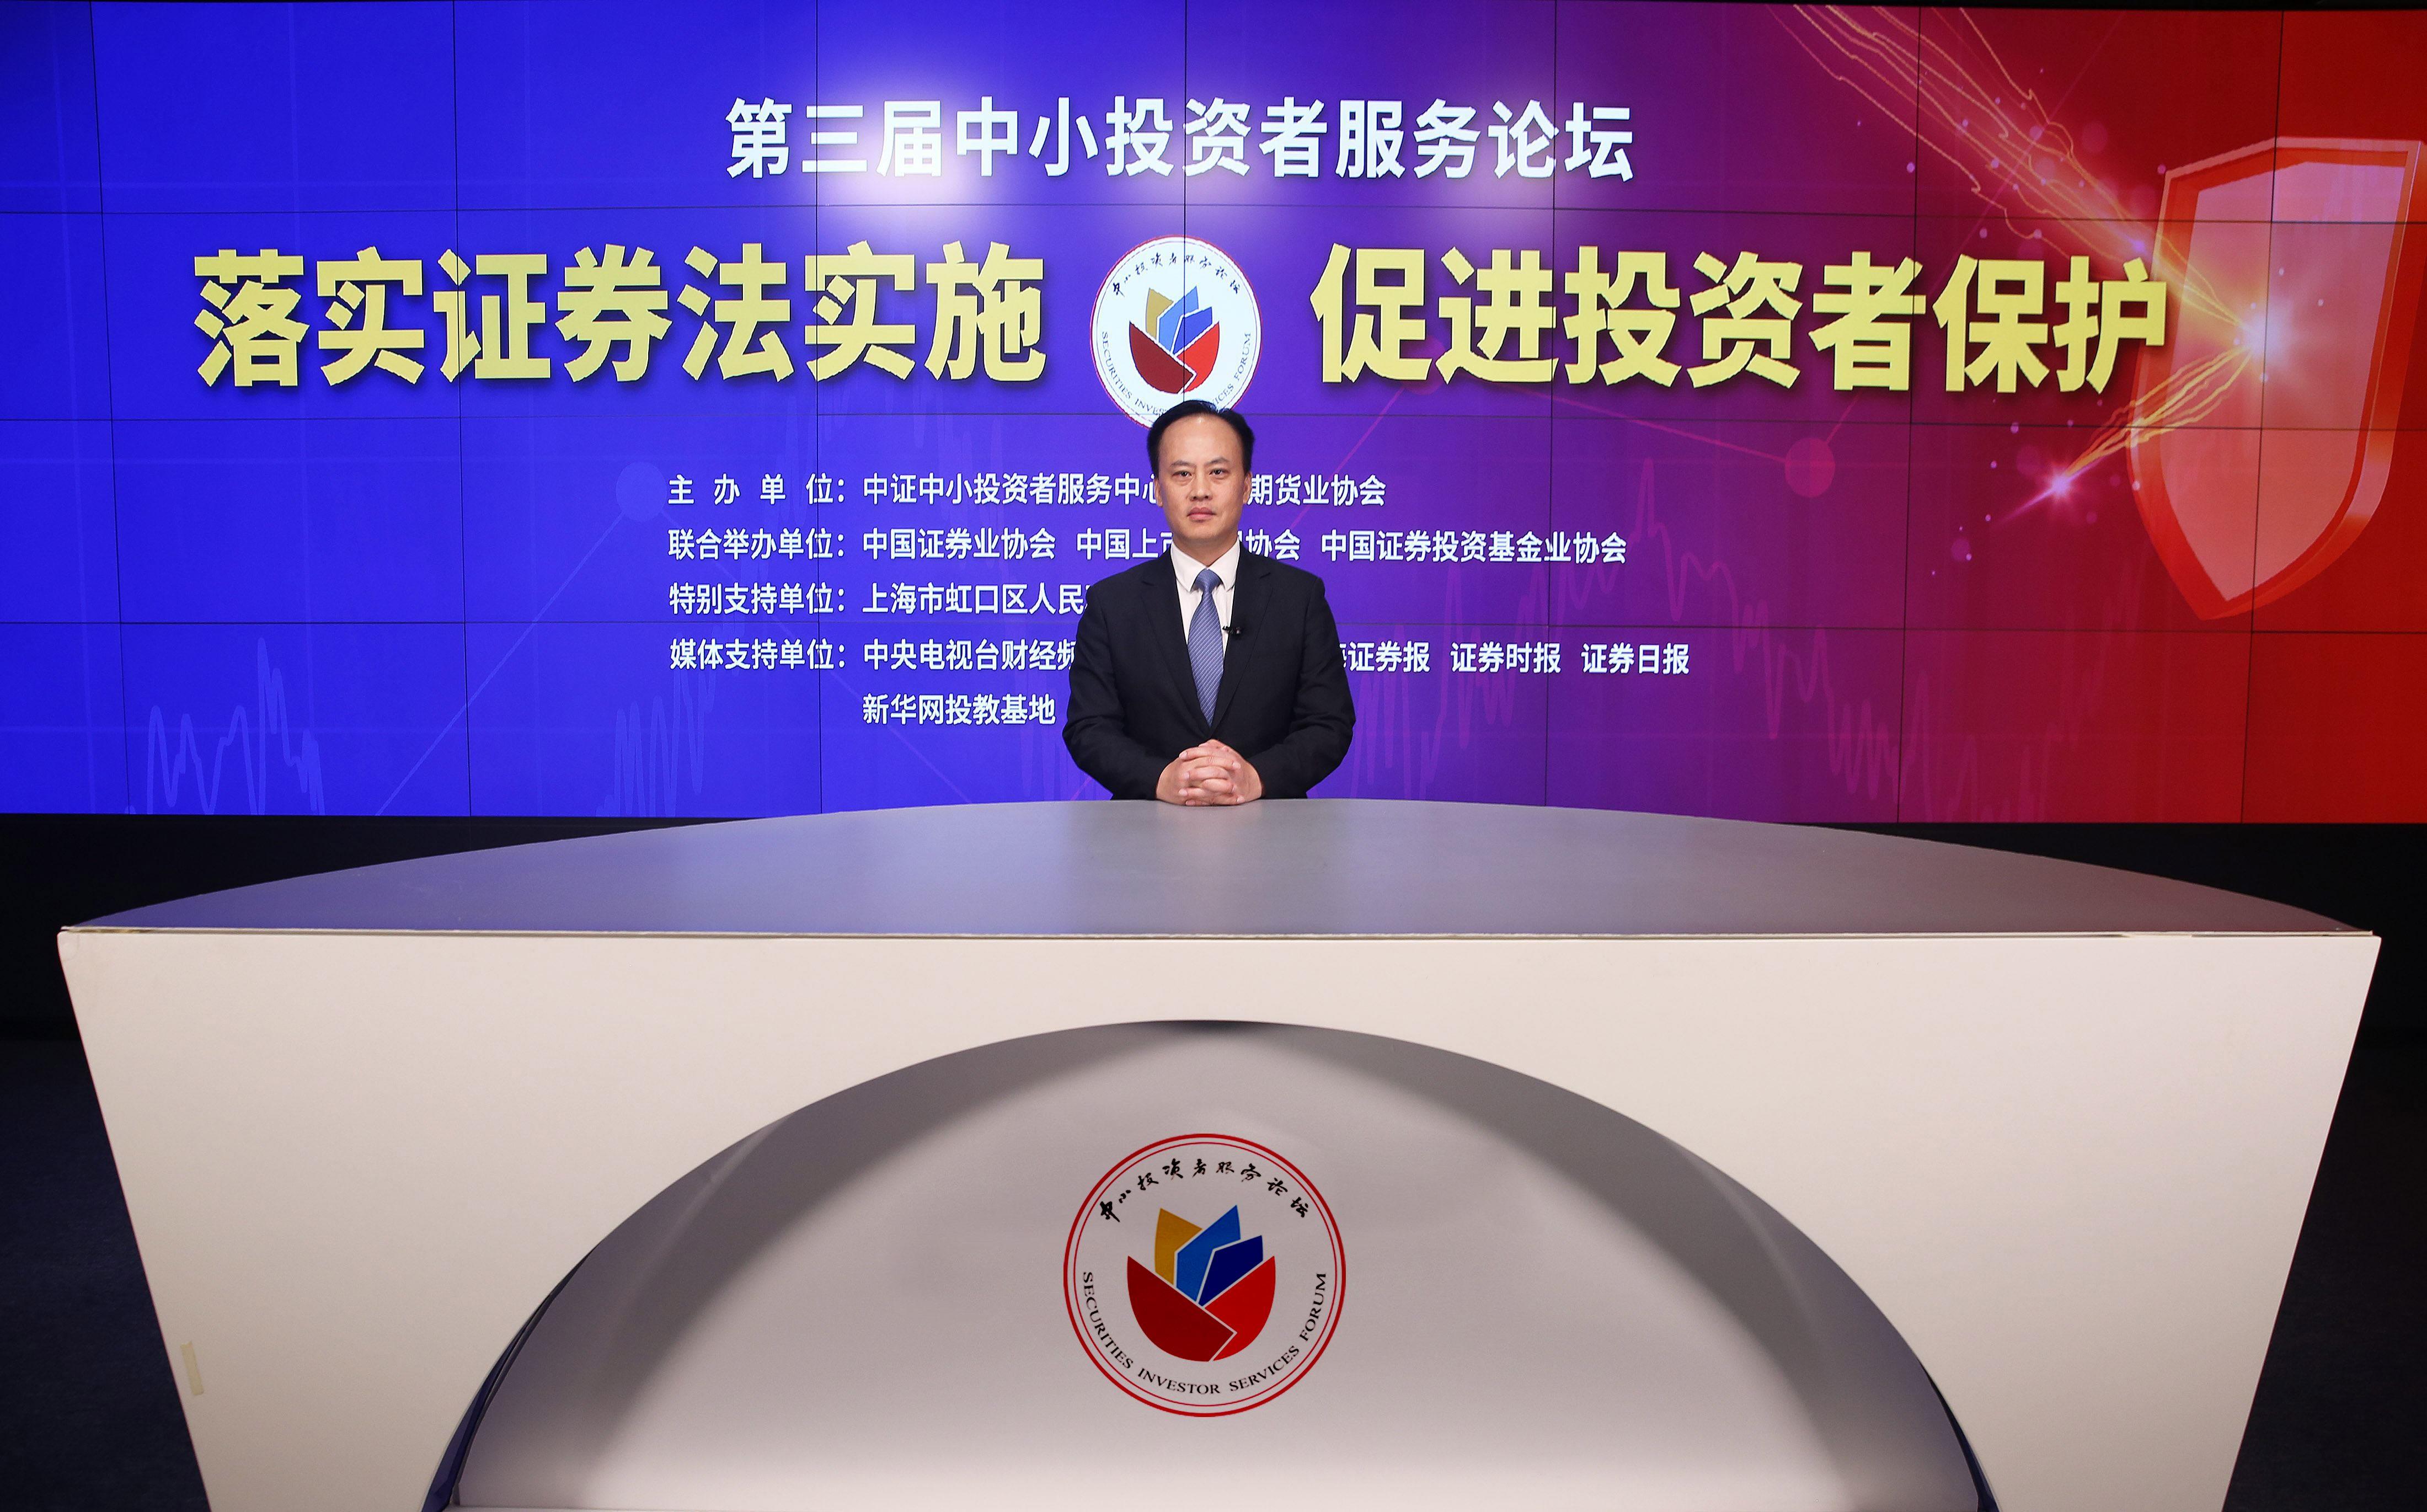 深入贯彻实施新证券法 构建投资者保护新格局——上海证券交易所副总经理阙波在第三届中小投资者服务论坛上的发言